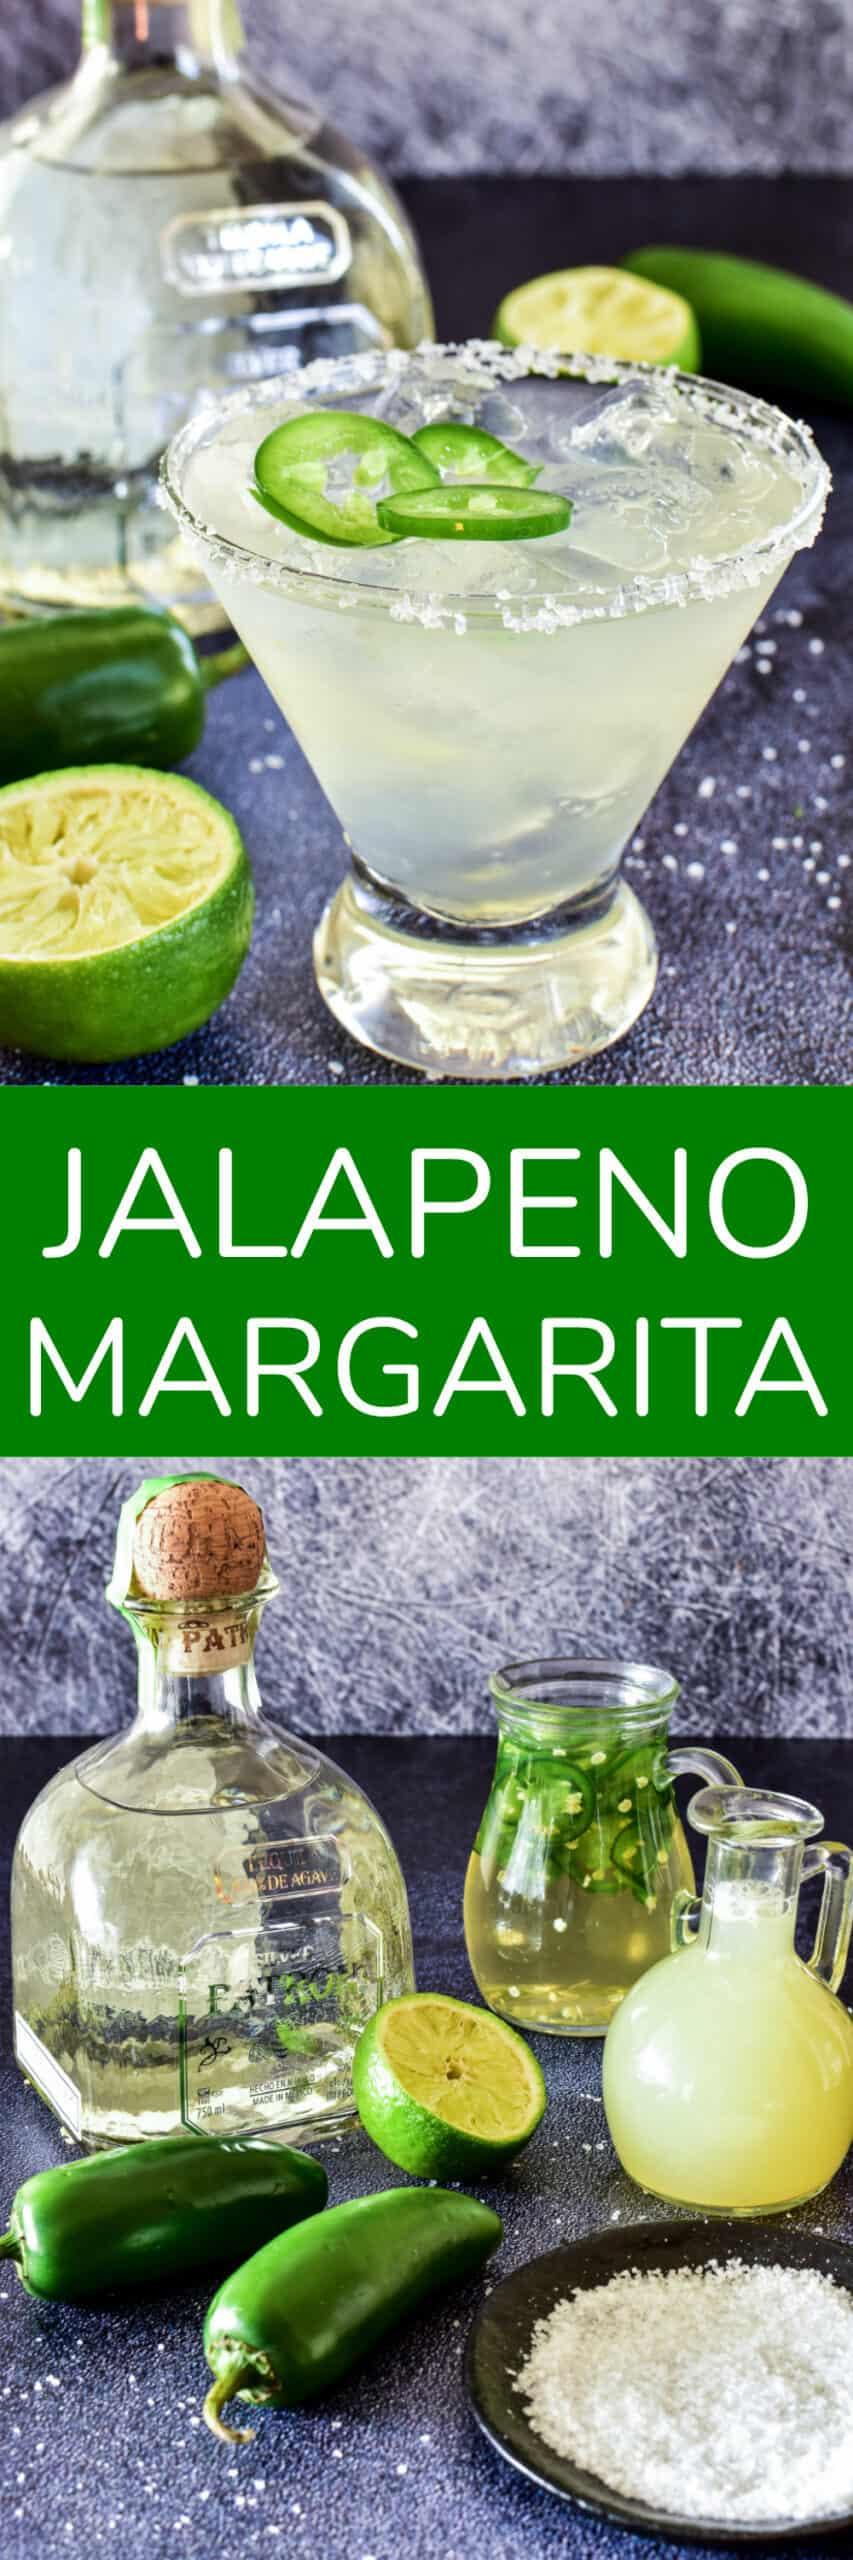 Collage image of Jalapeno Margaritas